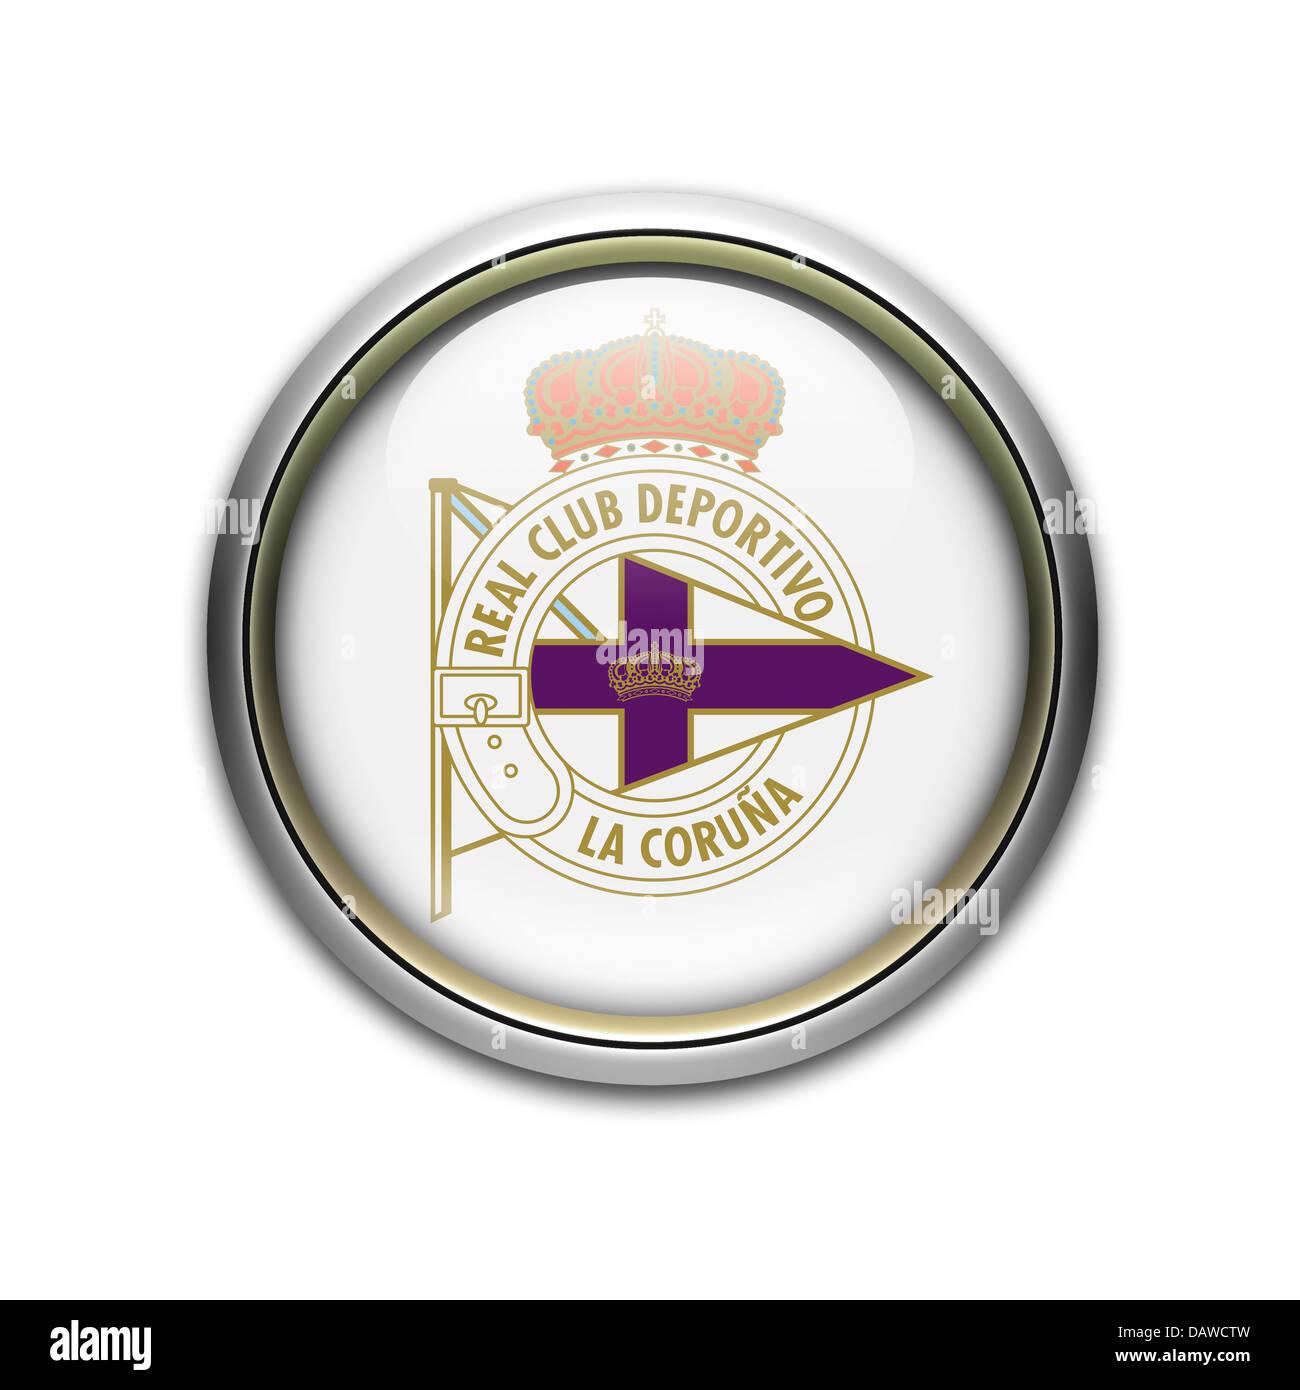 Deportivo de la coruna logo symbol icon flag emblem stock photo deportivo de la coruna logo symbol icon flag emblem biocorpaavc